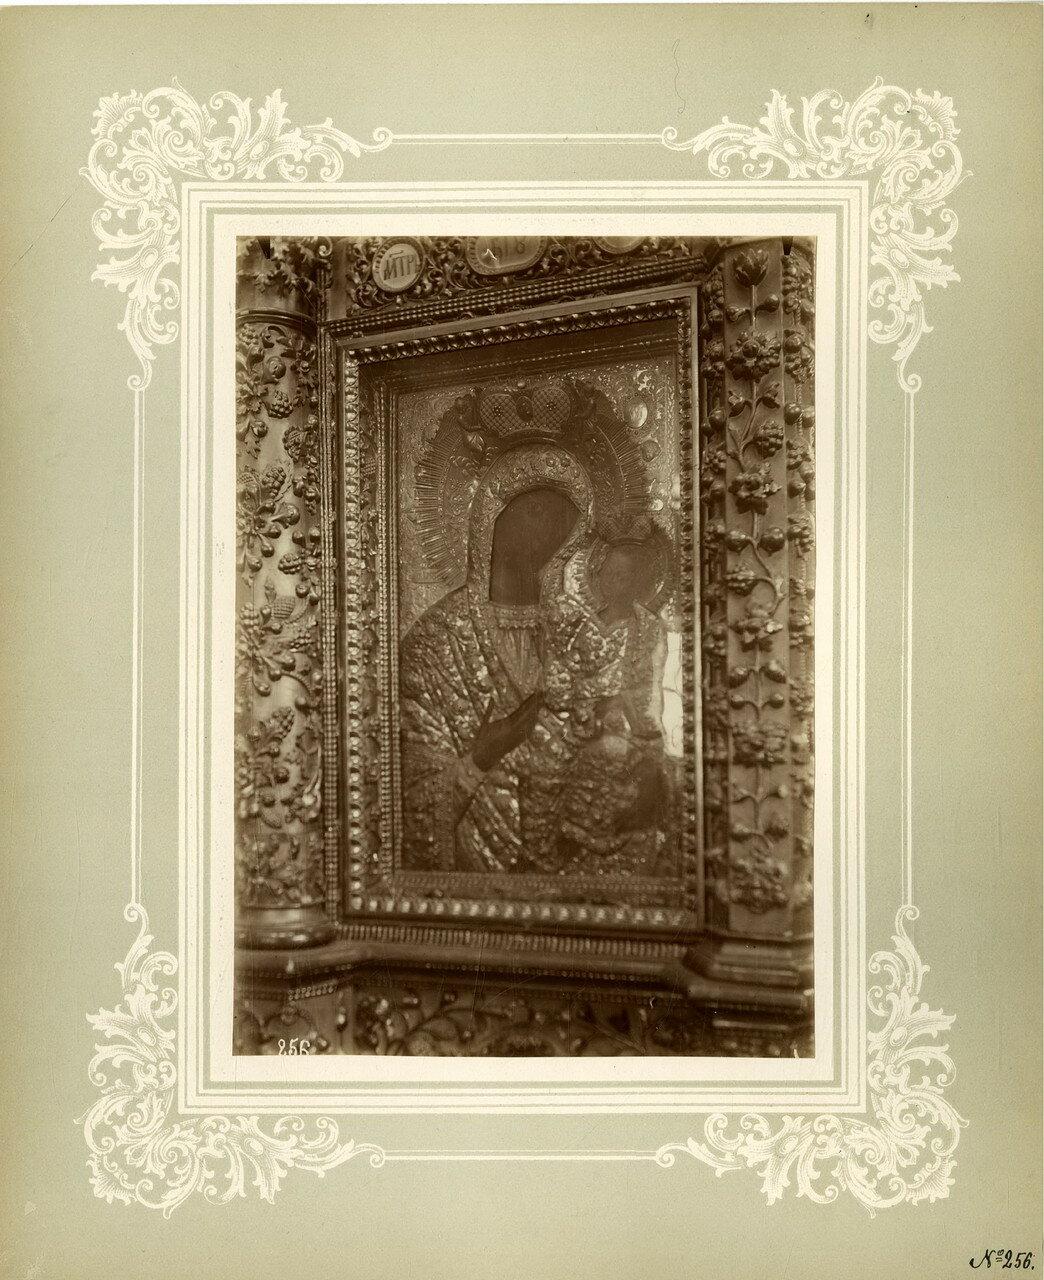 10. Чтимая в пустыни Иверская икона Божией Матери, находится в иконостасе соборного храма